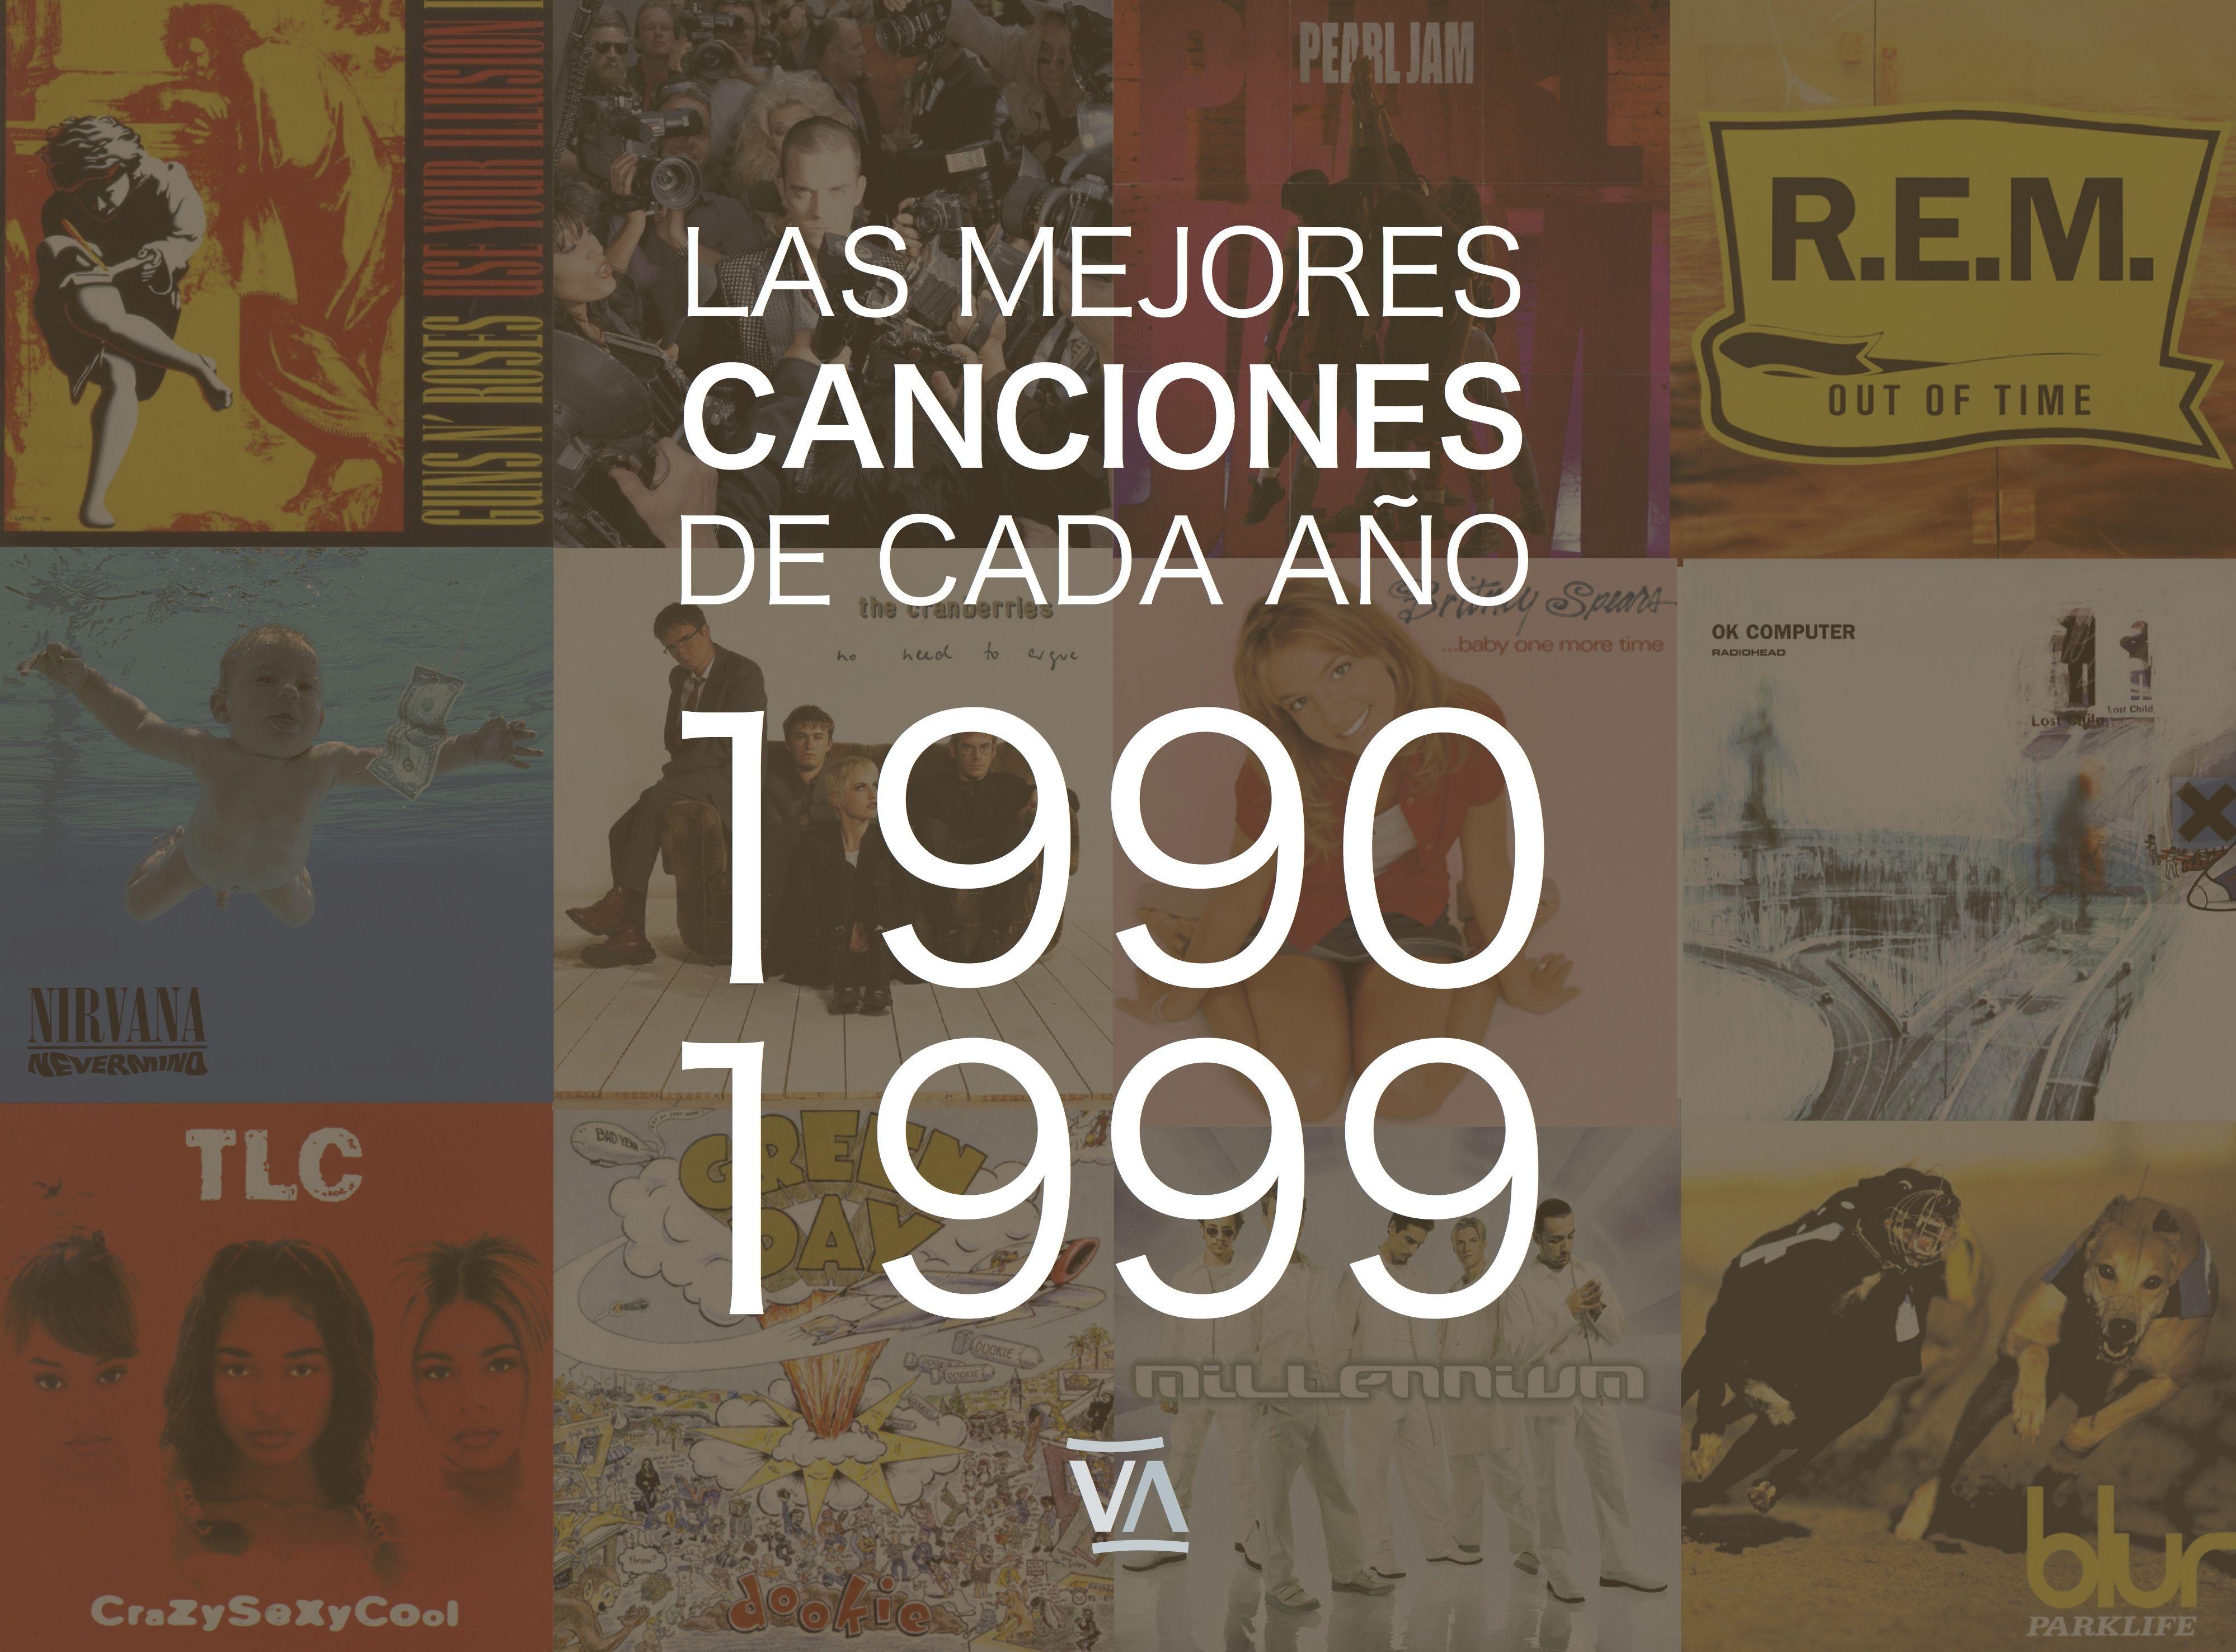 Las Mejores Canciones De Cada Año 1990 1999 Ventura